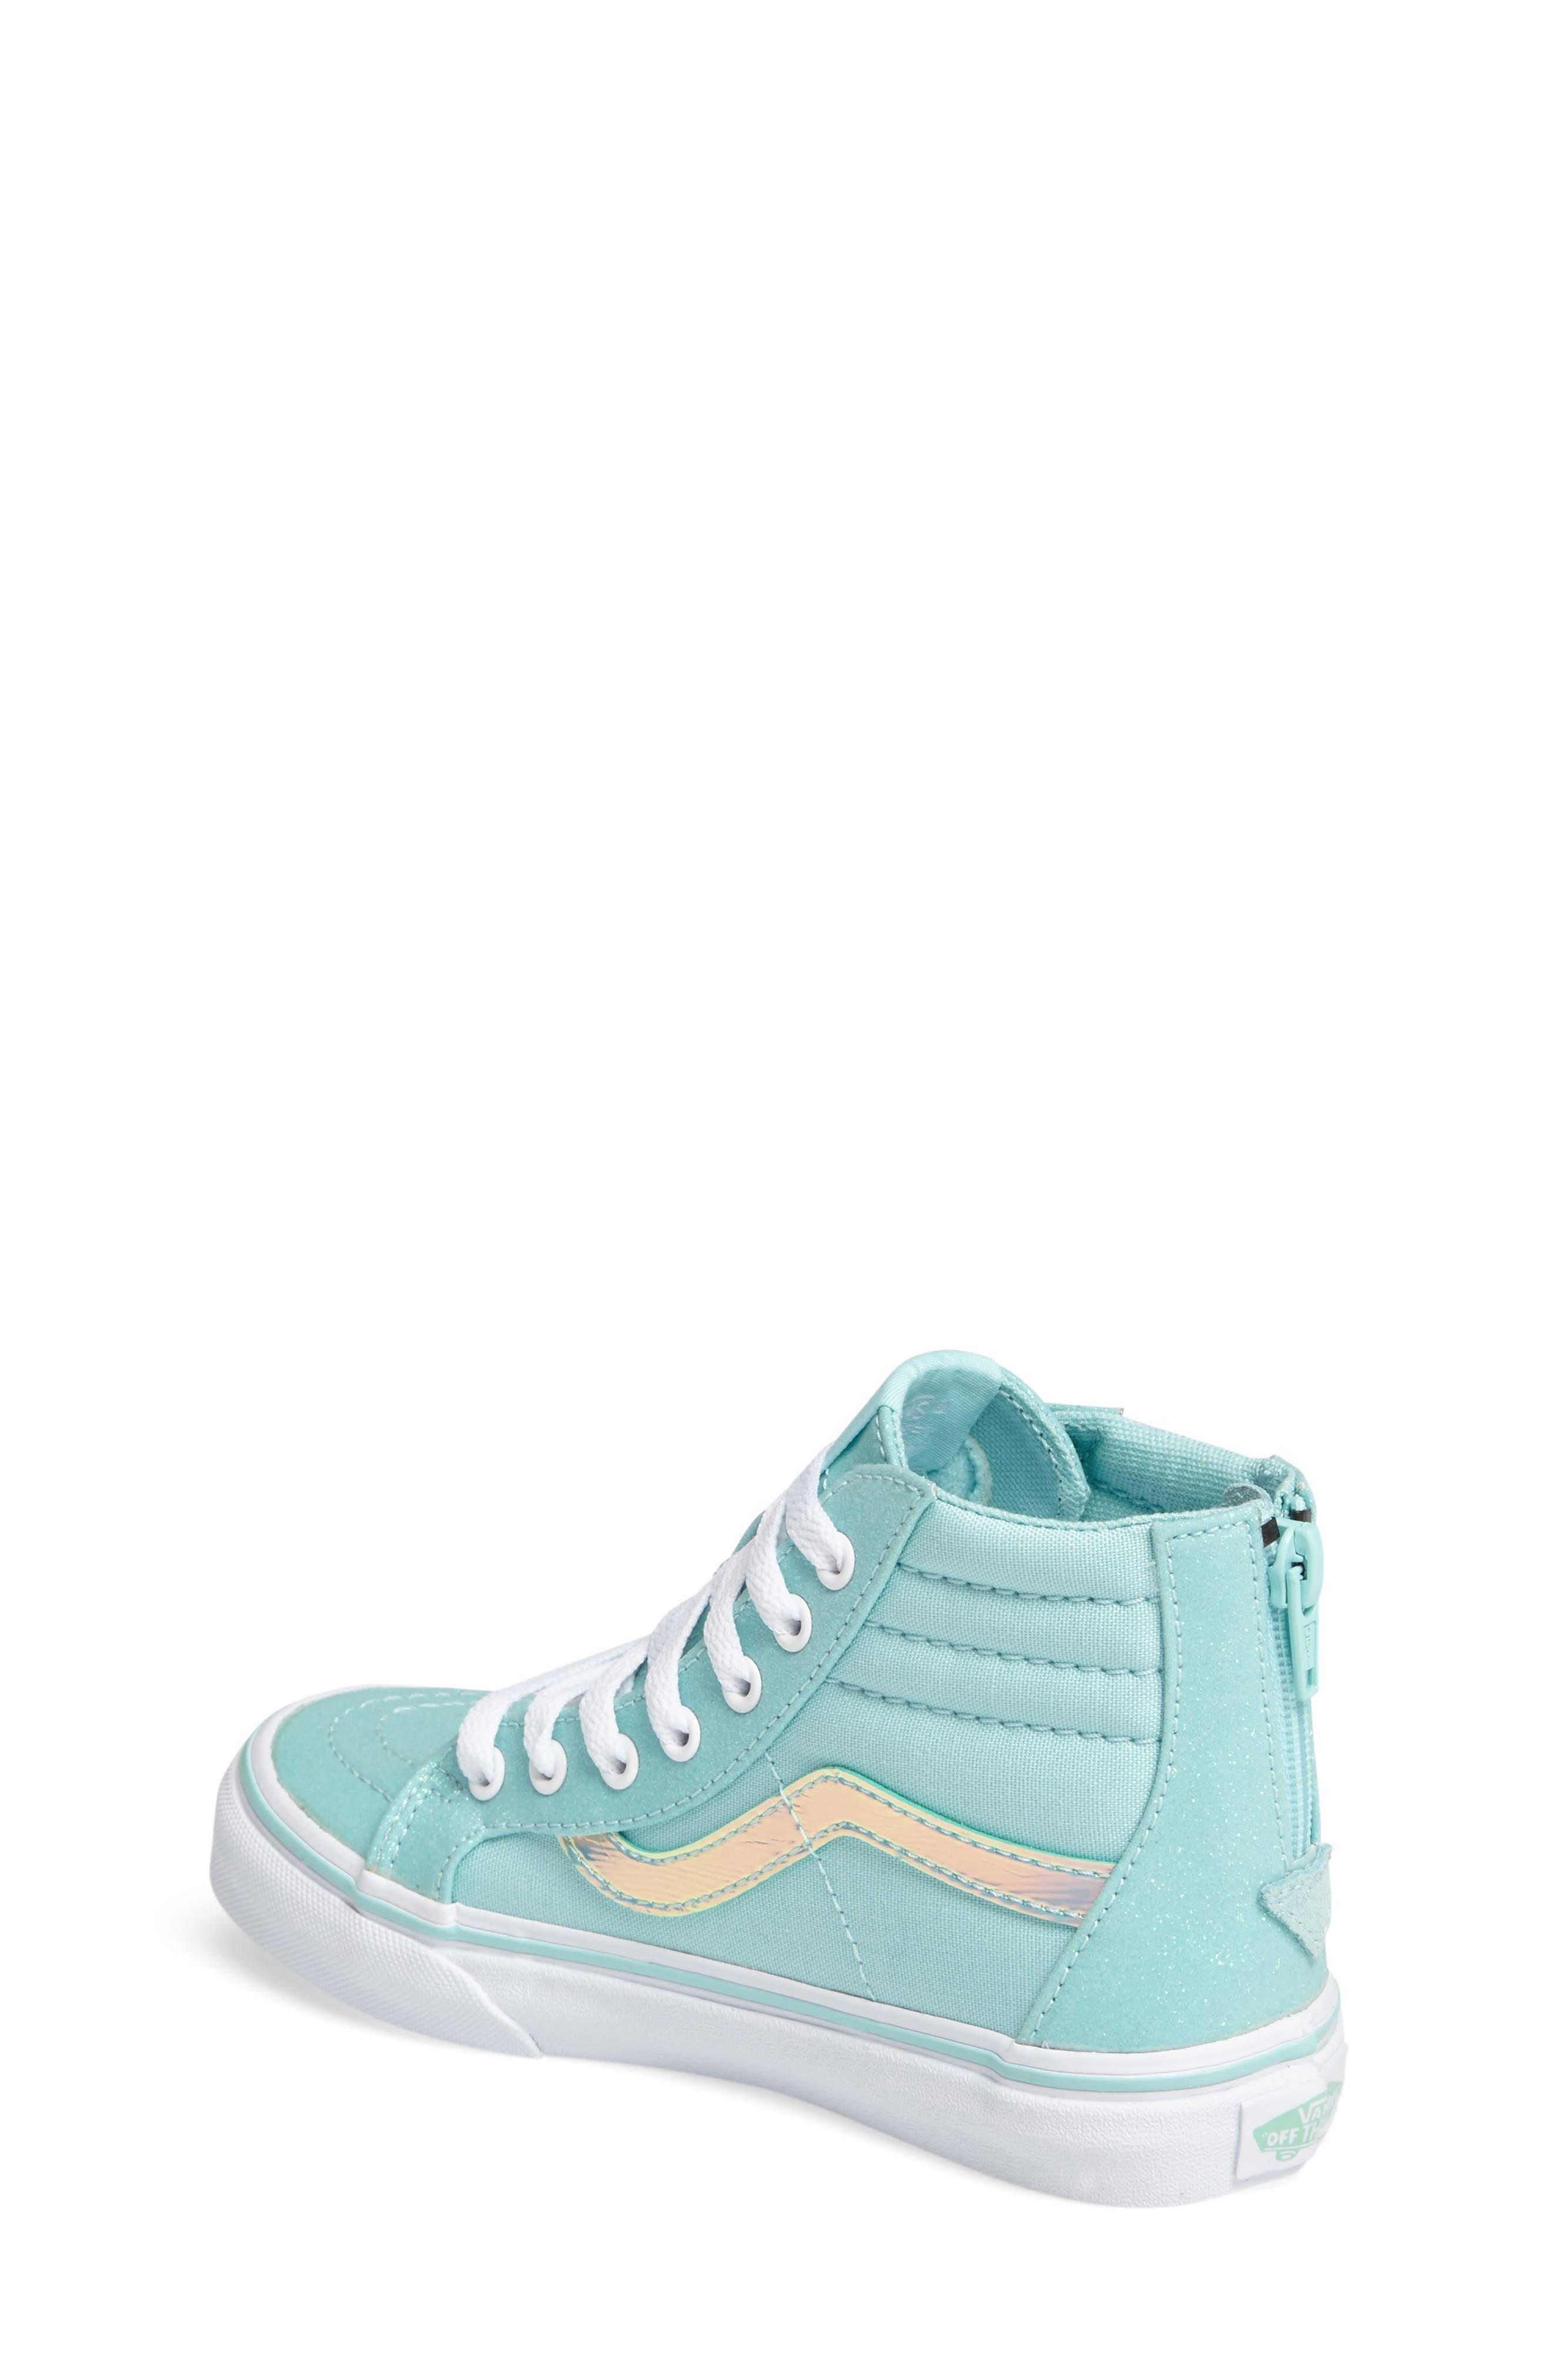 Sk8-Hi Zip Sneaker,                             Alternate thumbnail 2, color,                             450